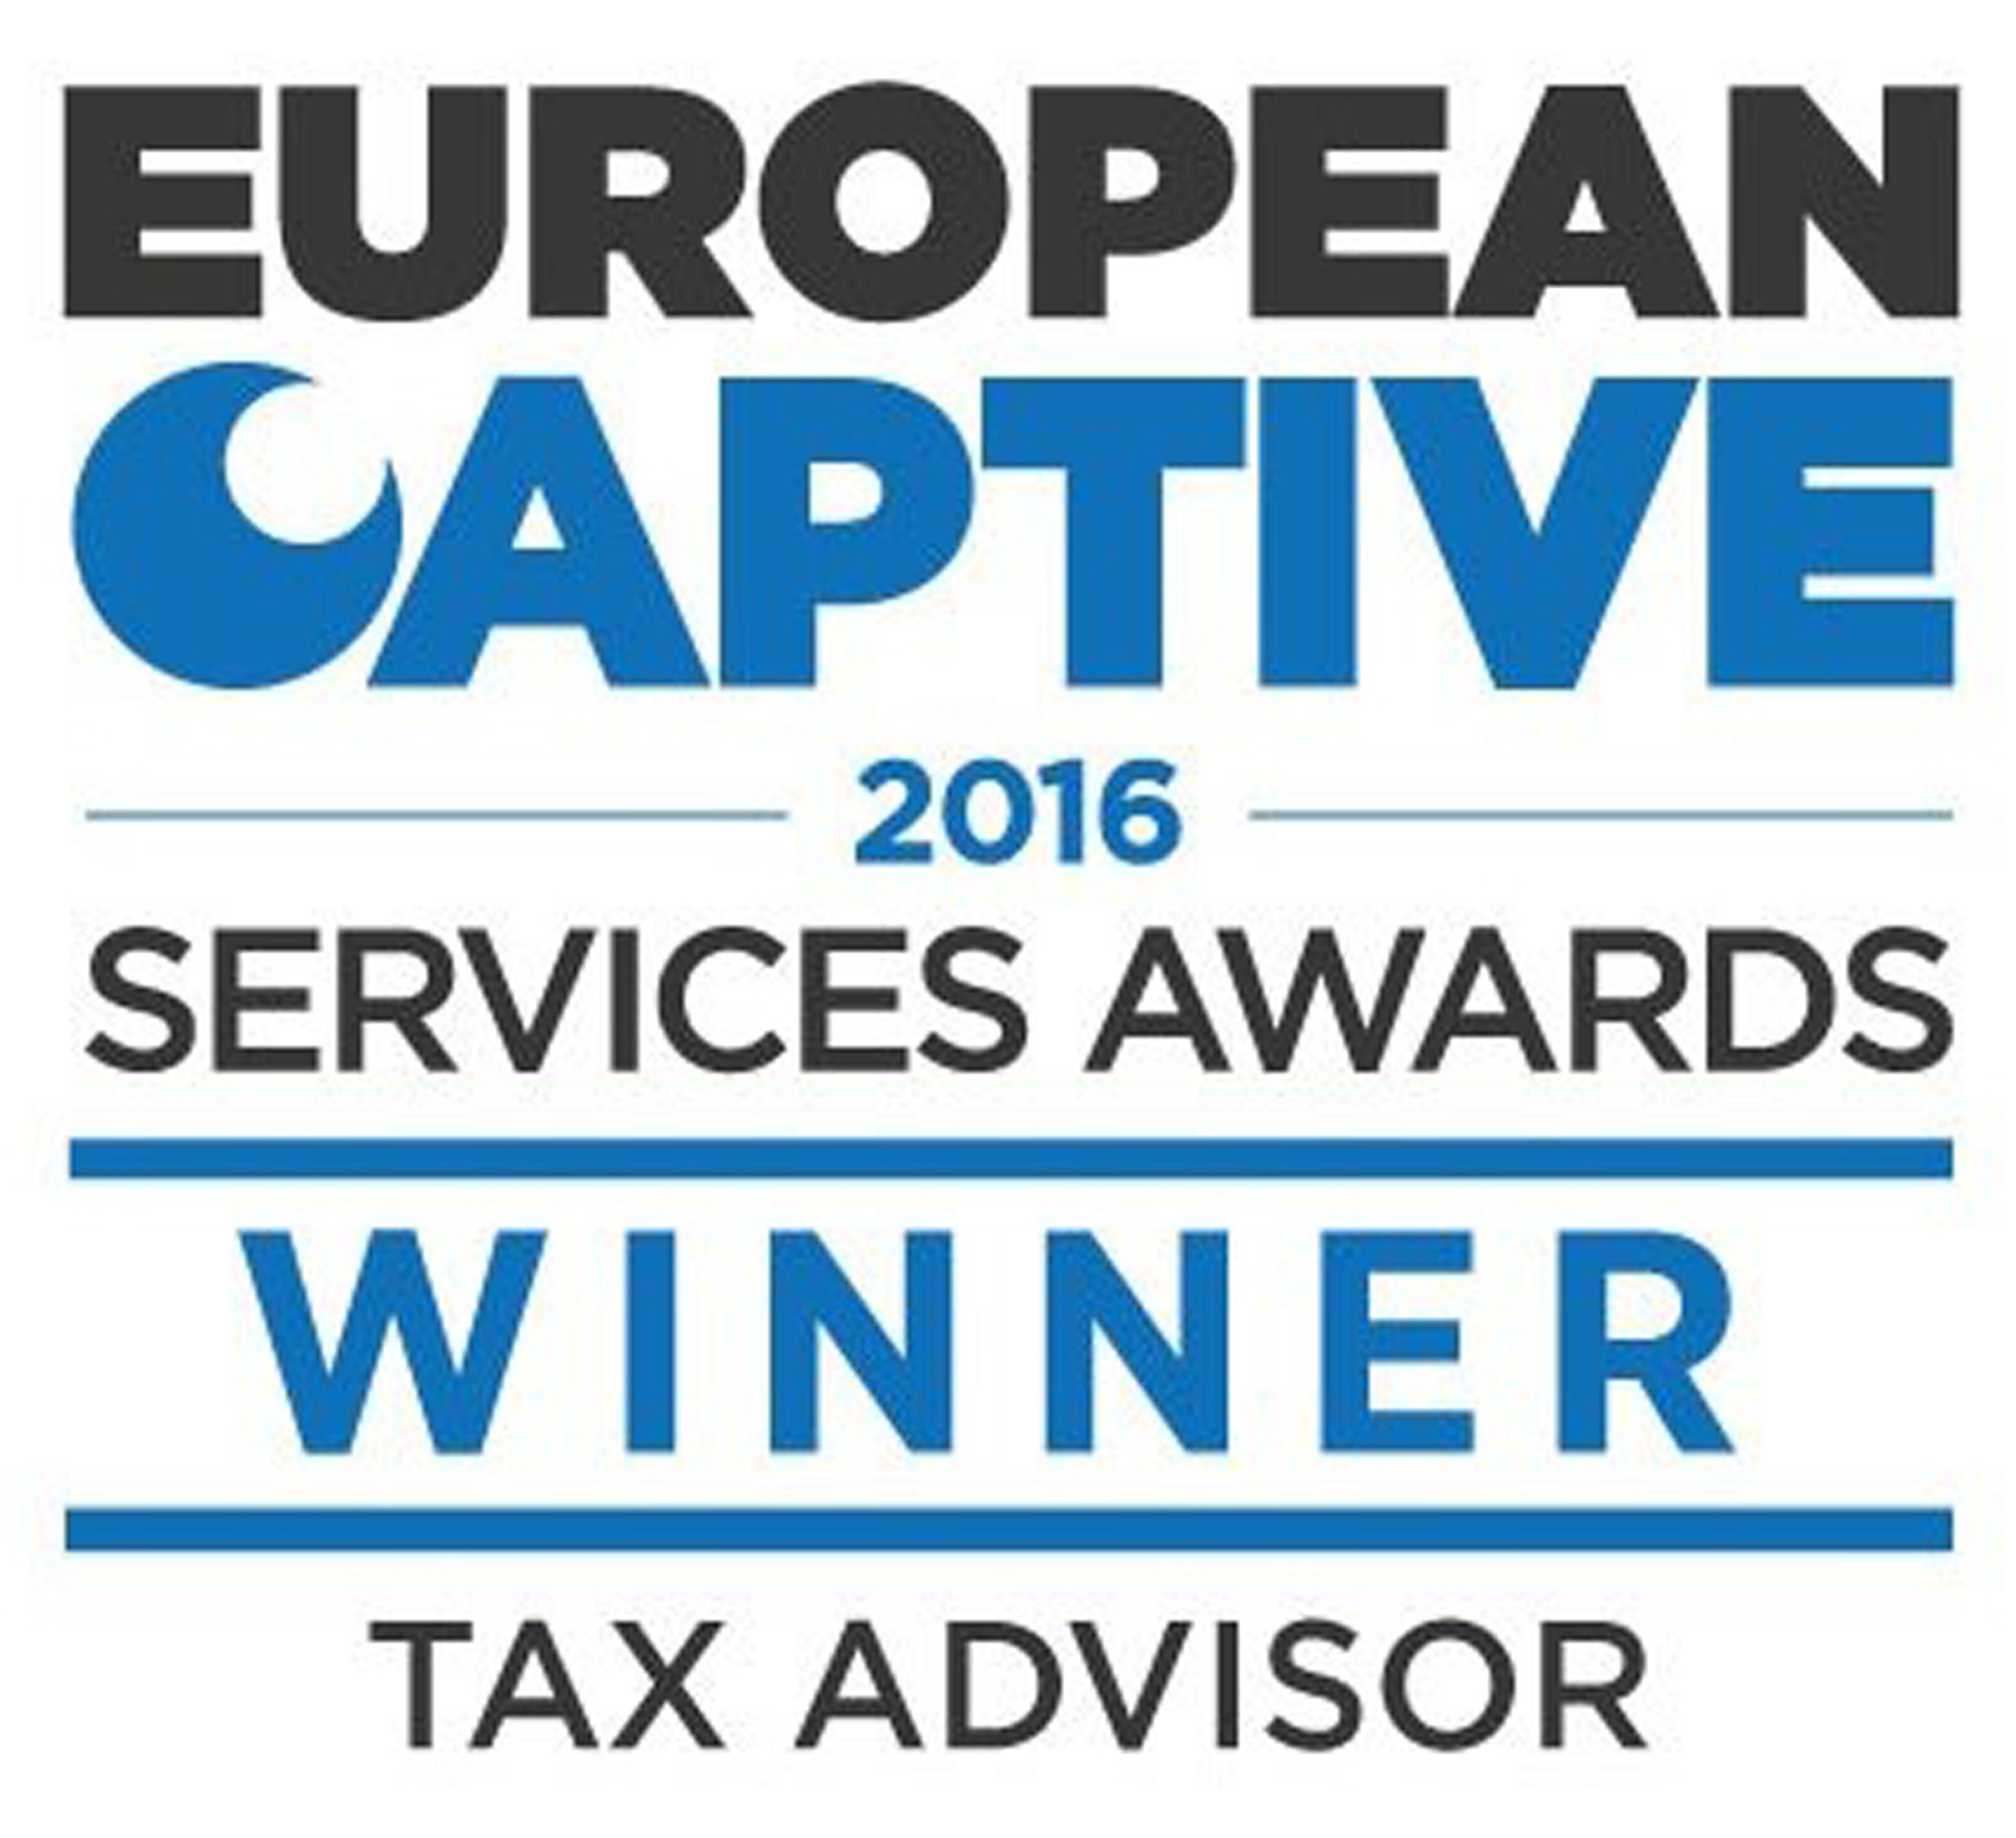 European captive 2016